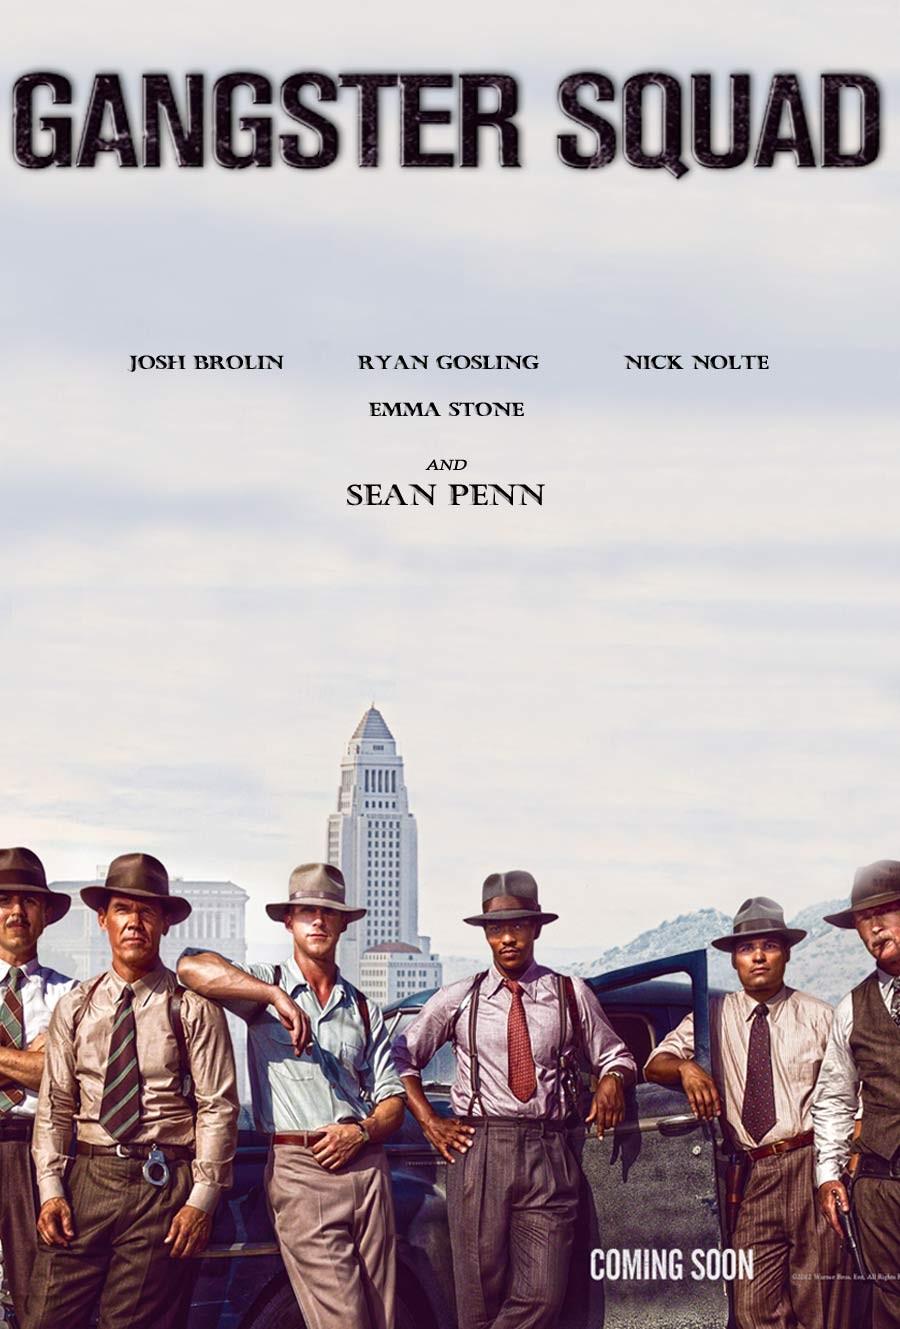 плакат фильма тизер постер Охотники на гангстеров